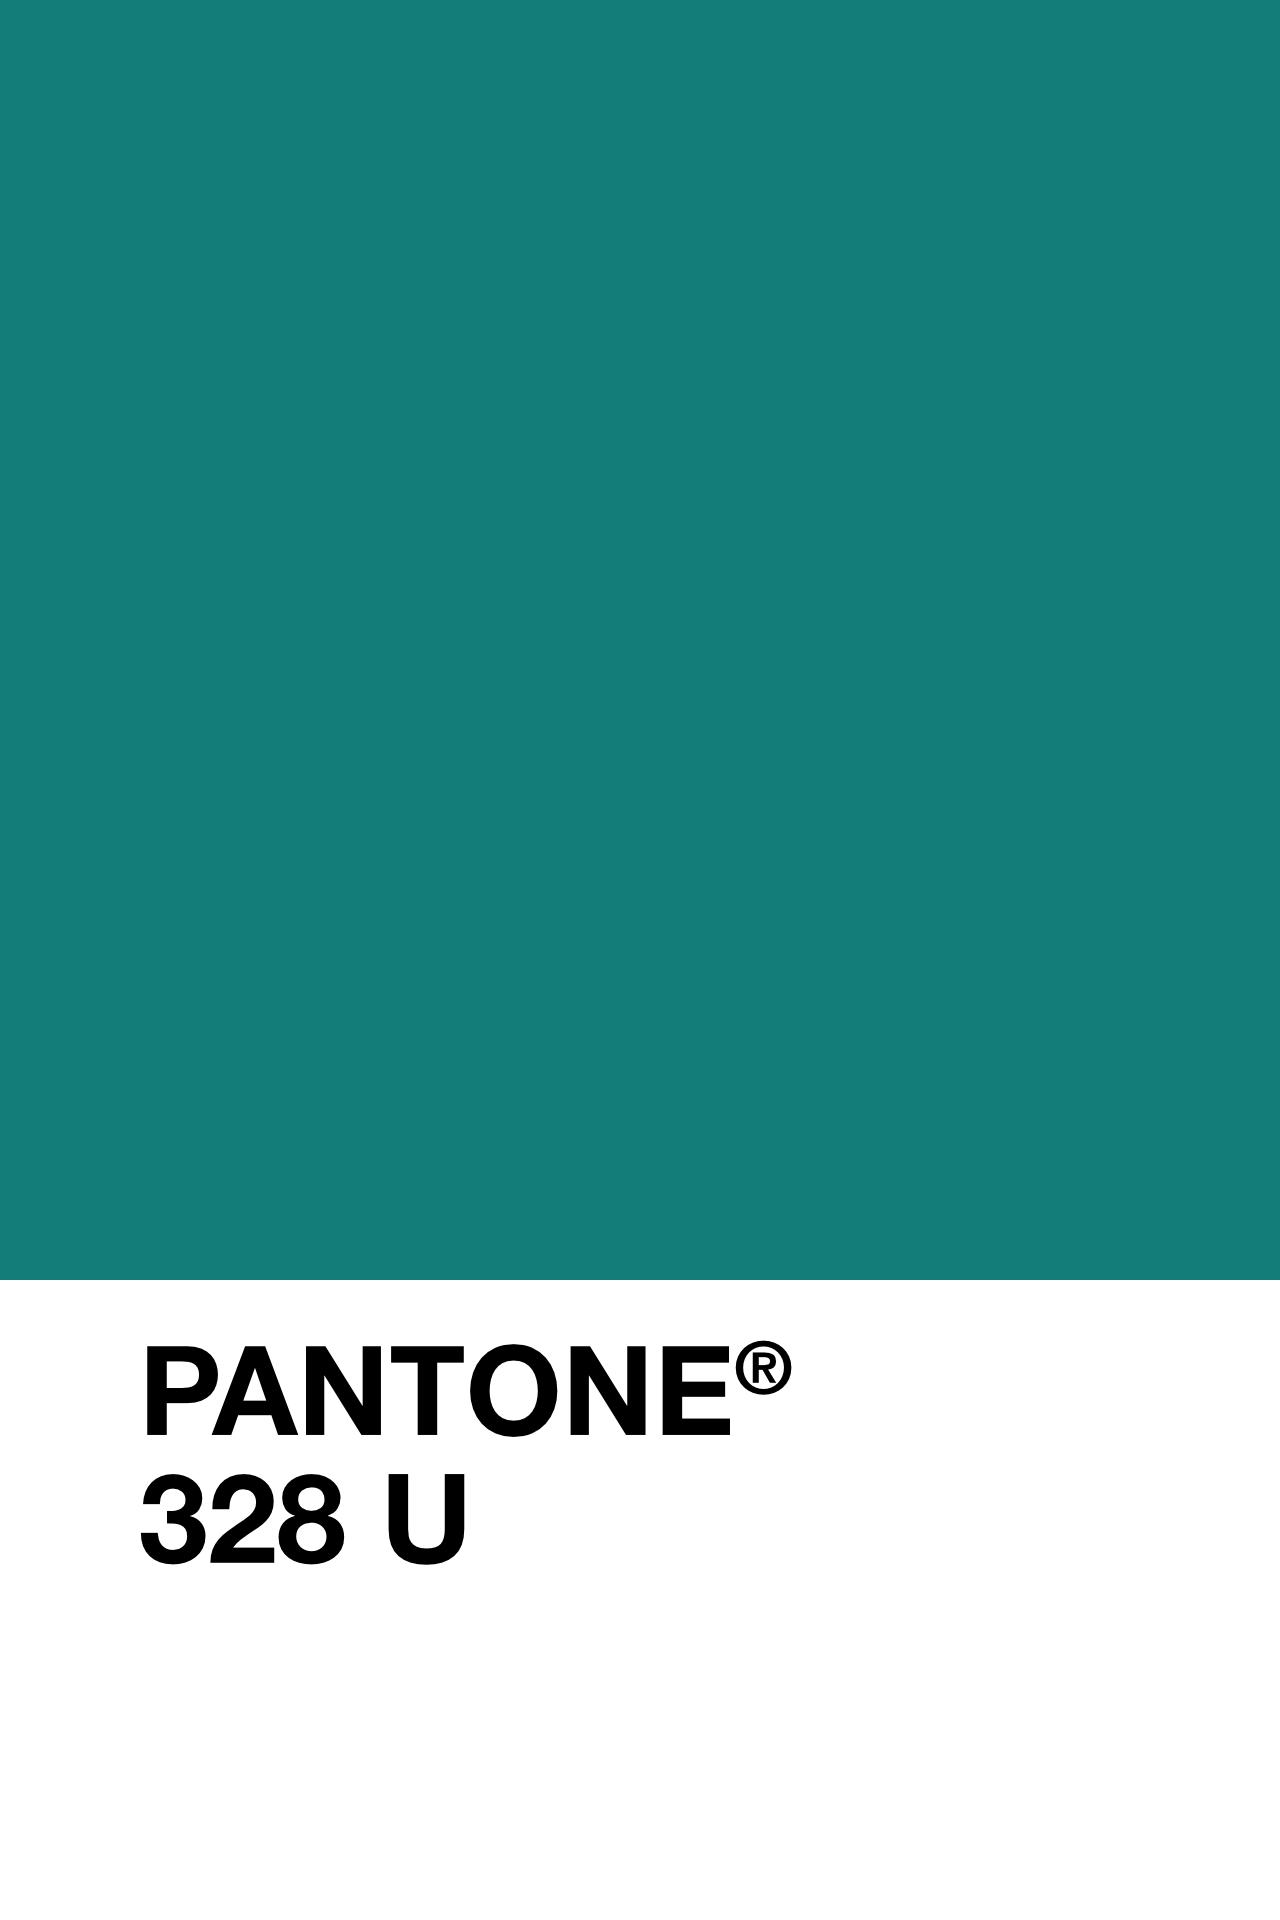 Energy Pantone 328 U Jeweltones Pantone Nj Wedding